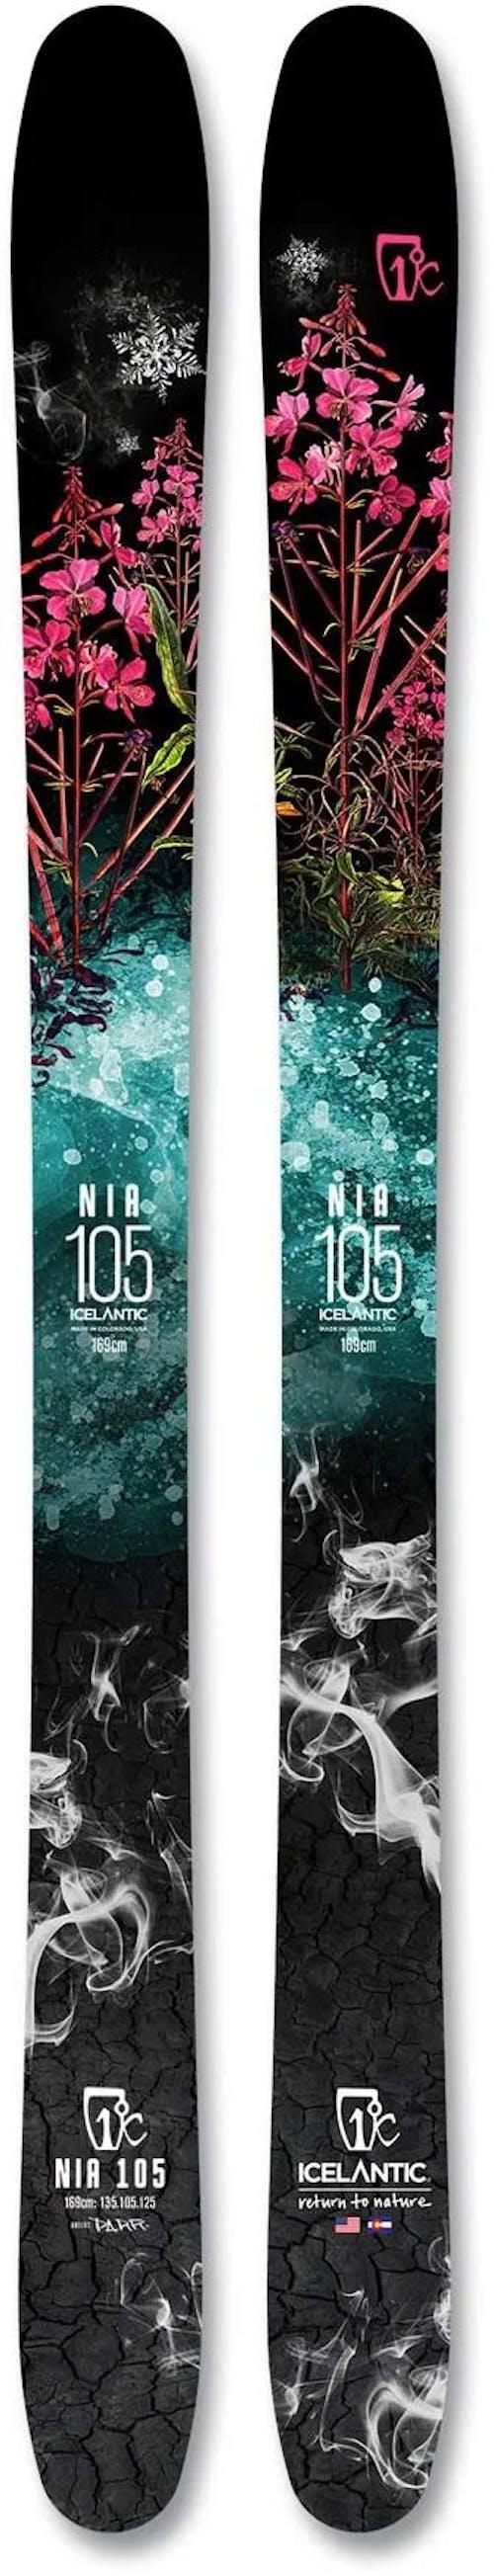 Icelantic Skis Nia Pro 105 Women's · 2021